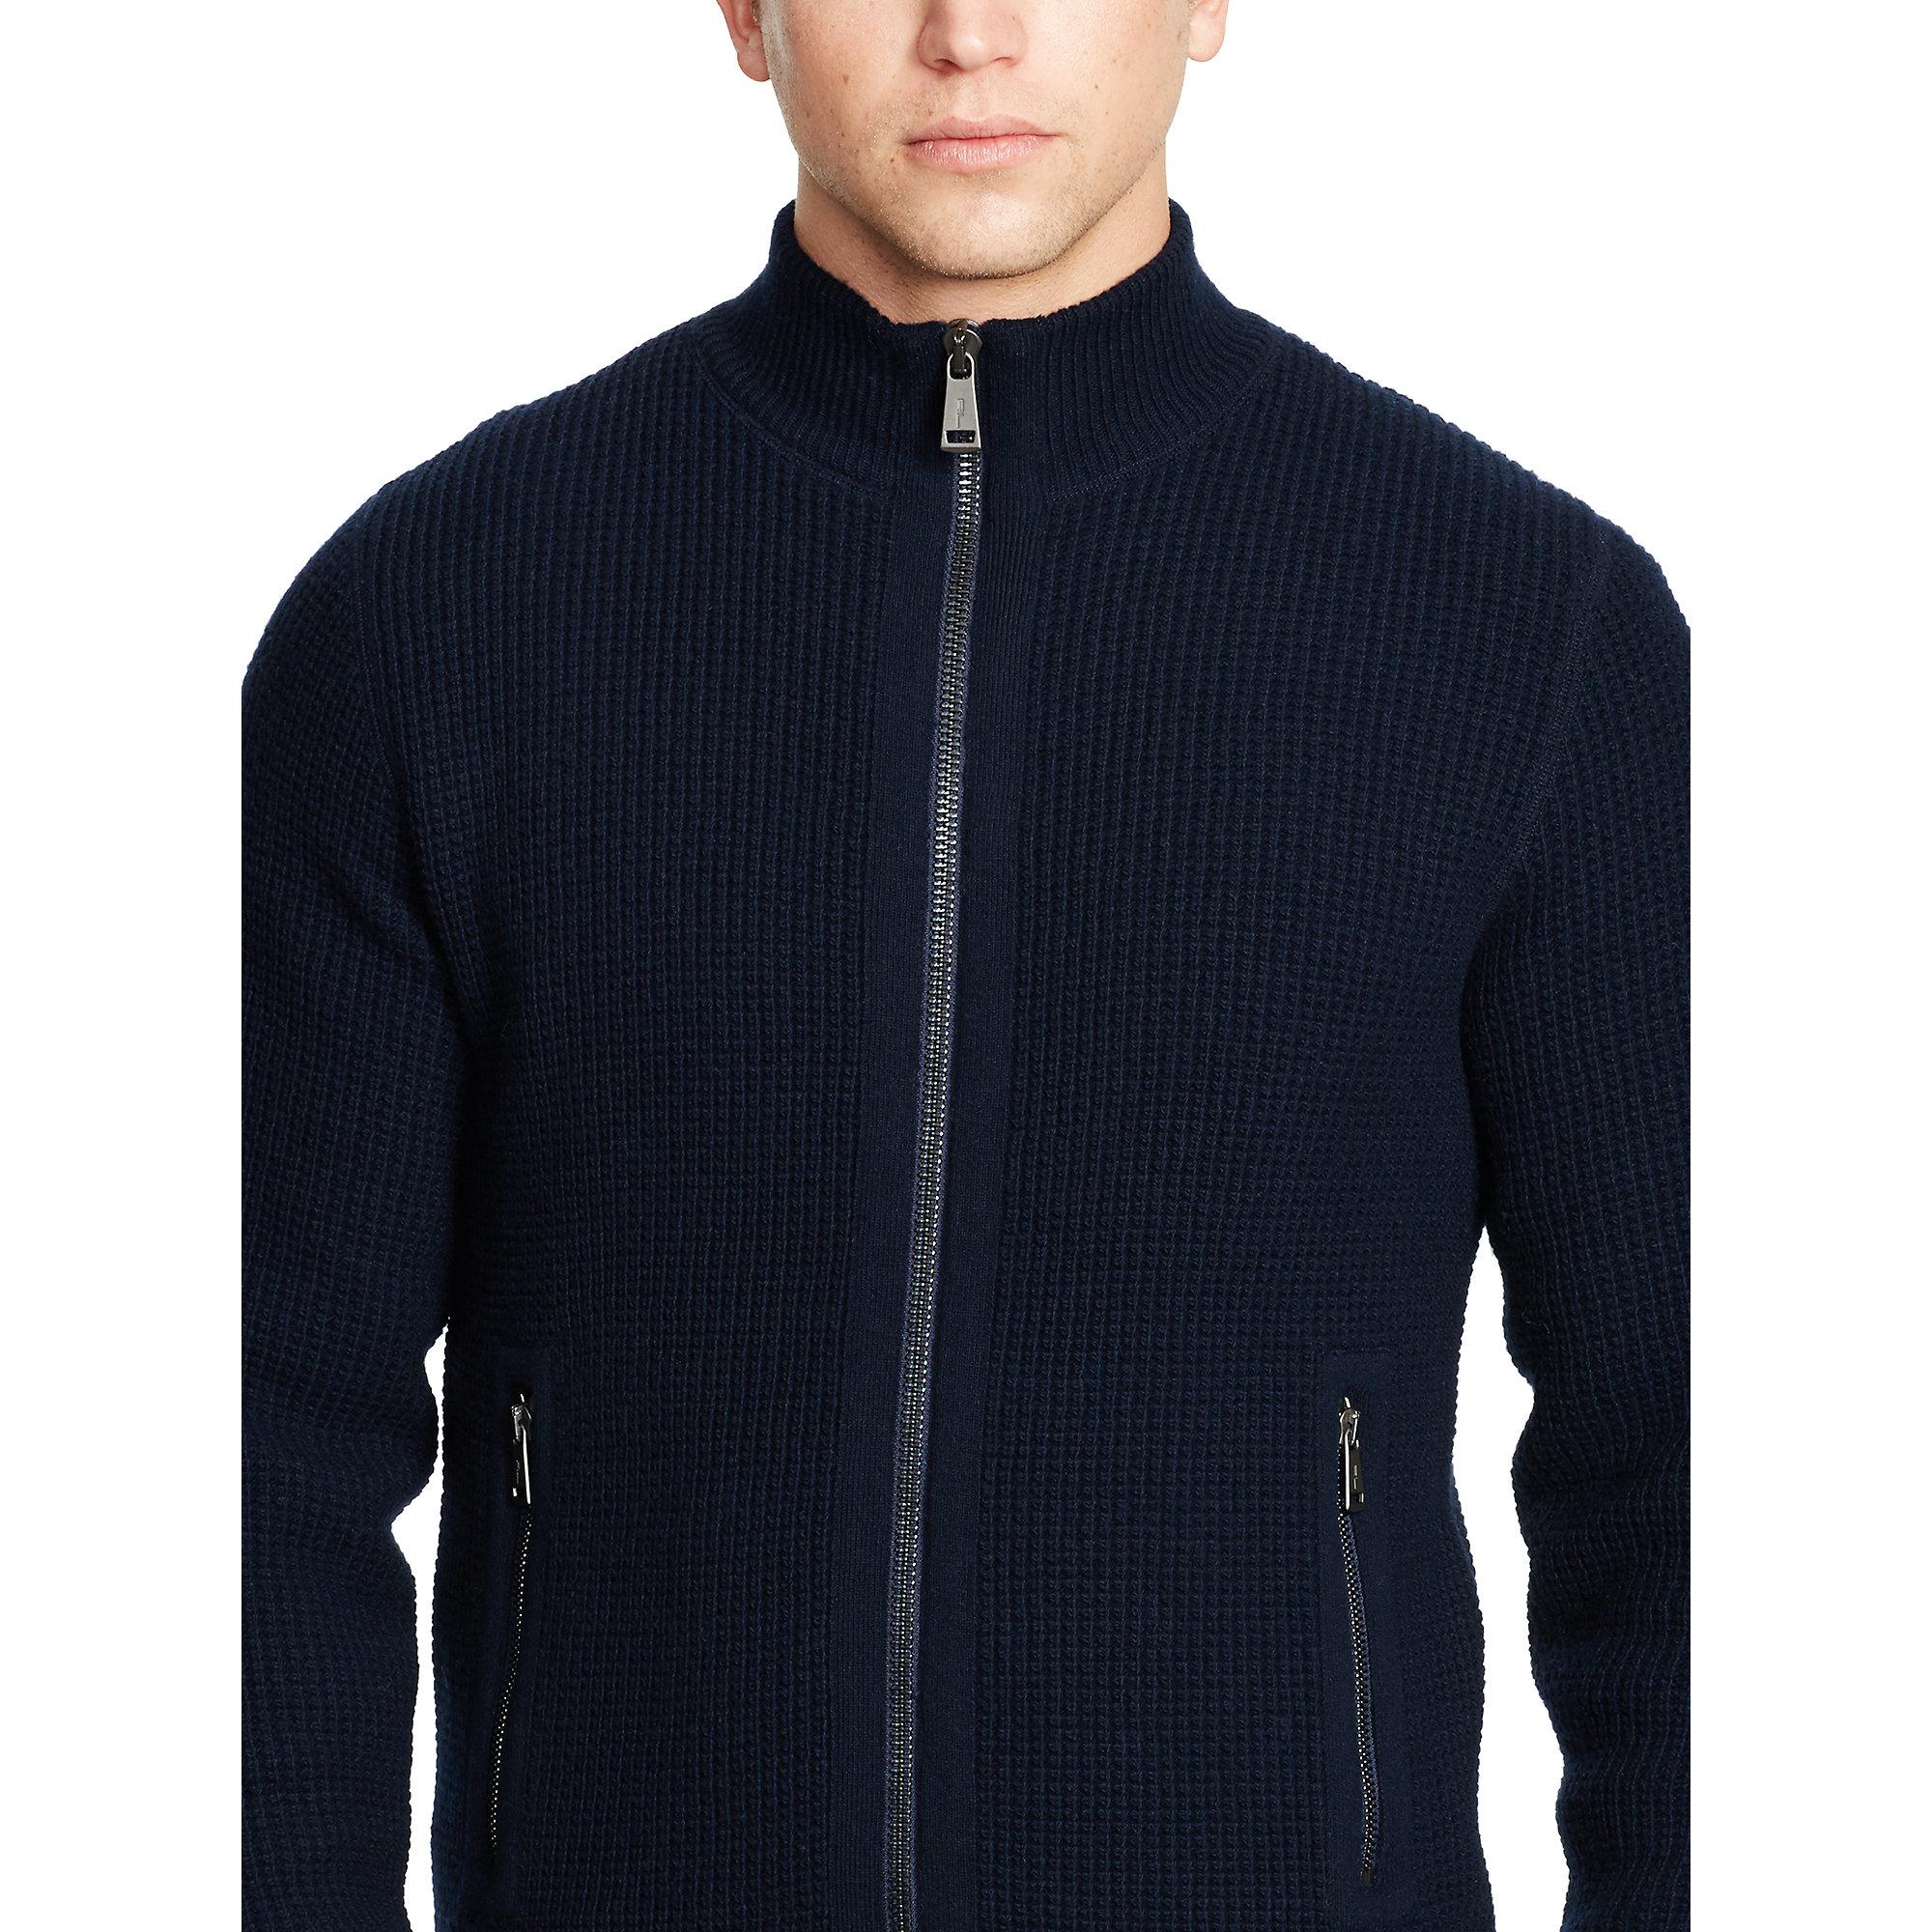 d14a2b2f7a Polo Ralph Lauren Blue Wool-blend Full-zip Sweater for men